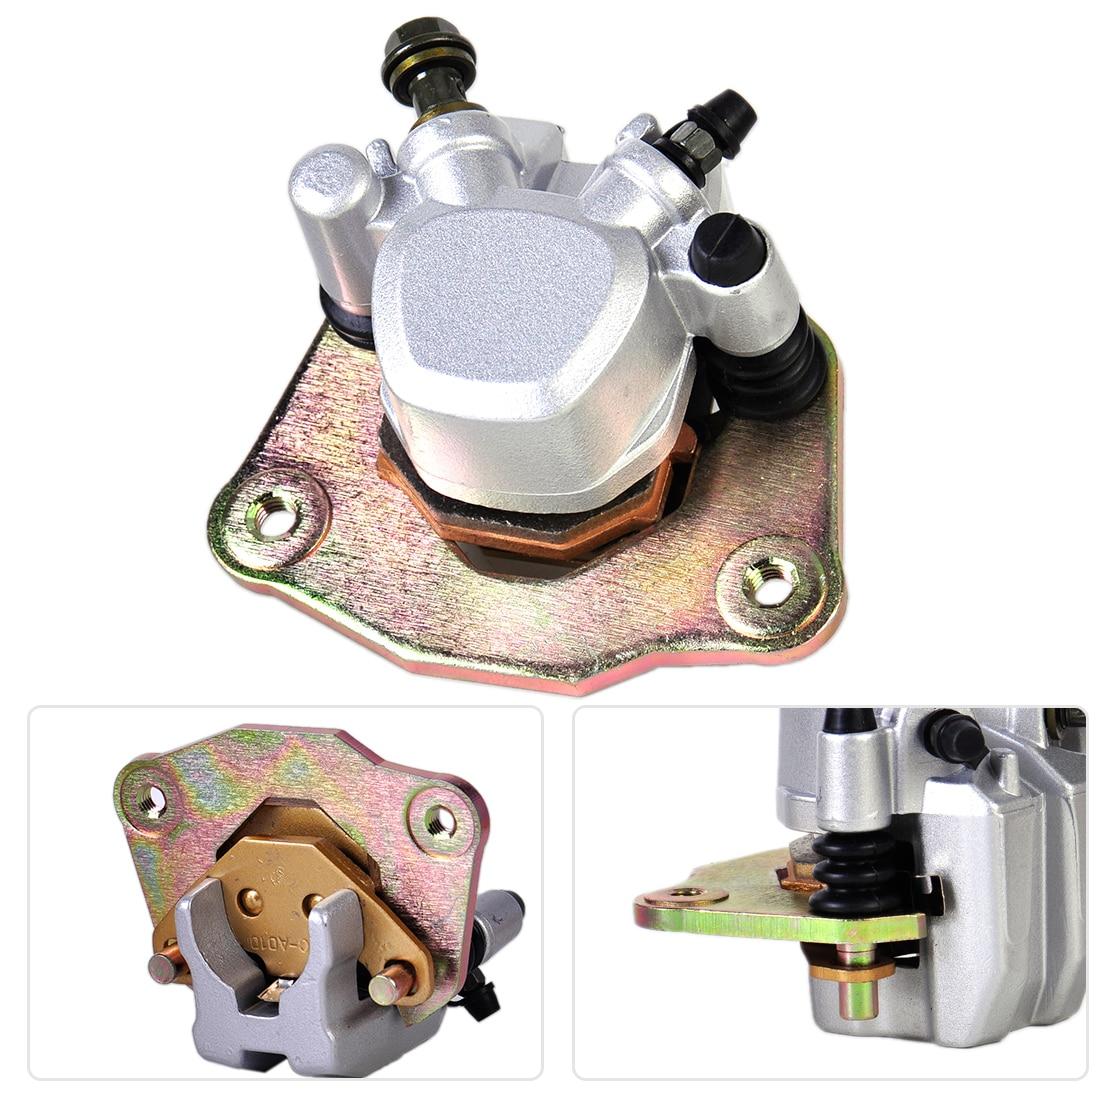 DWCX Rear Brake Caliper Replacement for Suzuki Vinson 500 LTA500F LTA500FB LTF500FC LTF500F LTF500FC dwcx rear brake caliper replacement for suzuki vinson 500 lta500f lta500fb ltf500fc ltf500f ltf500fc